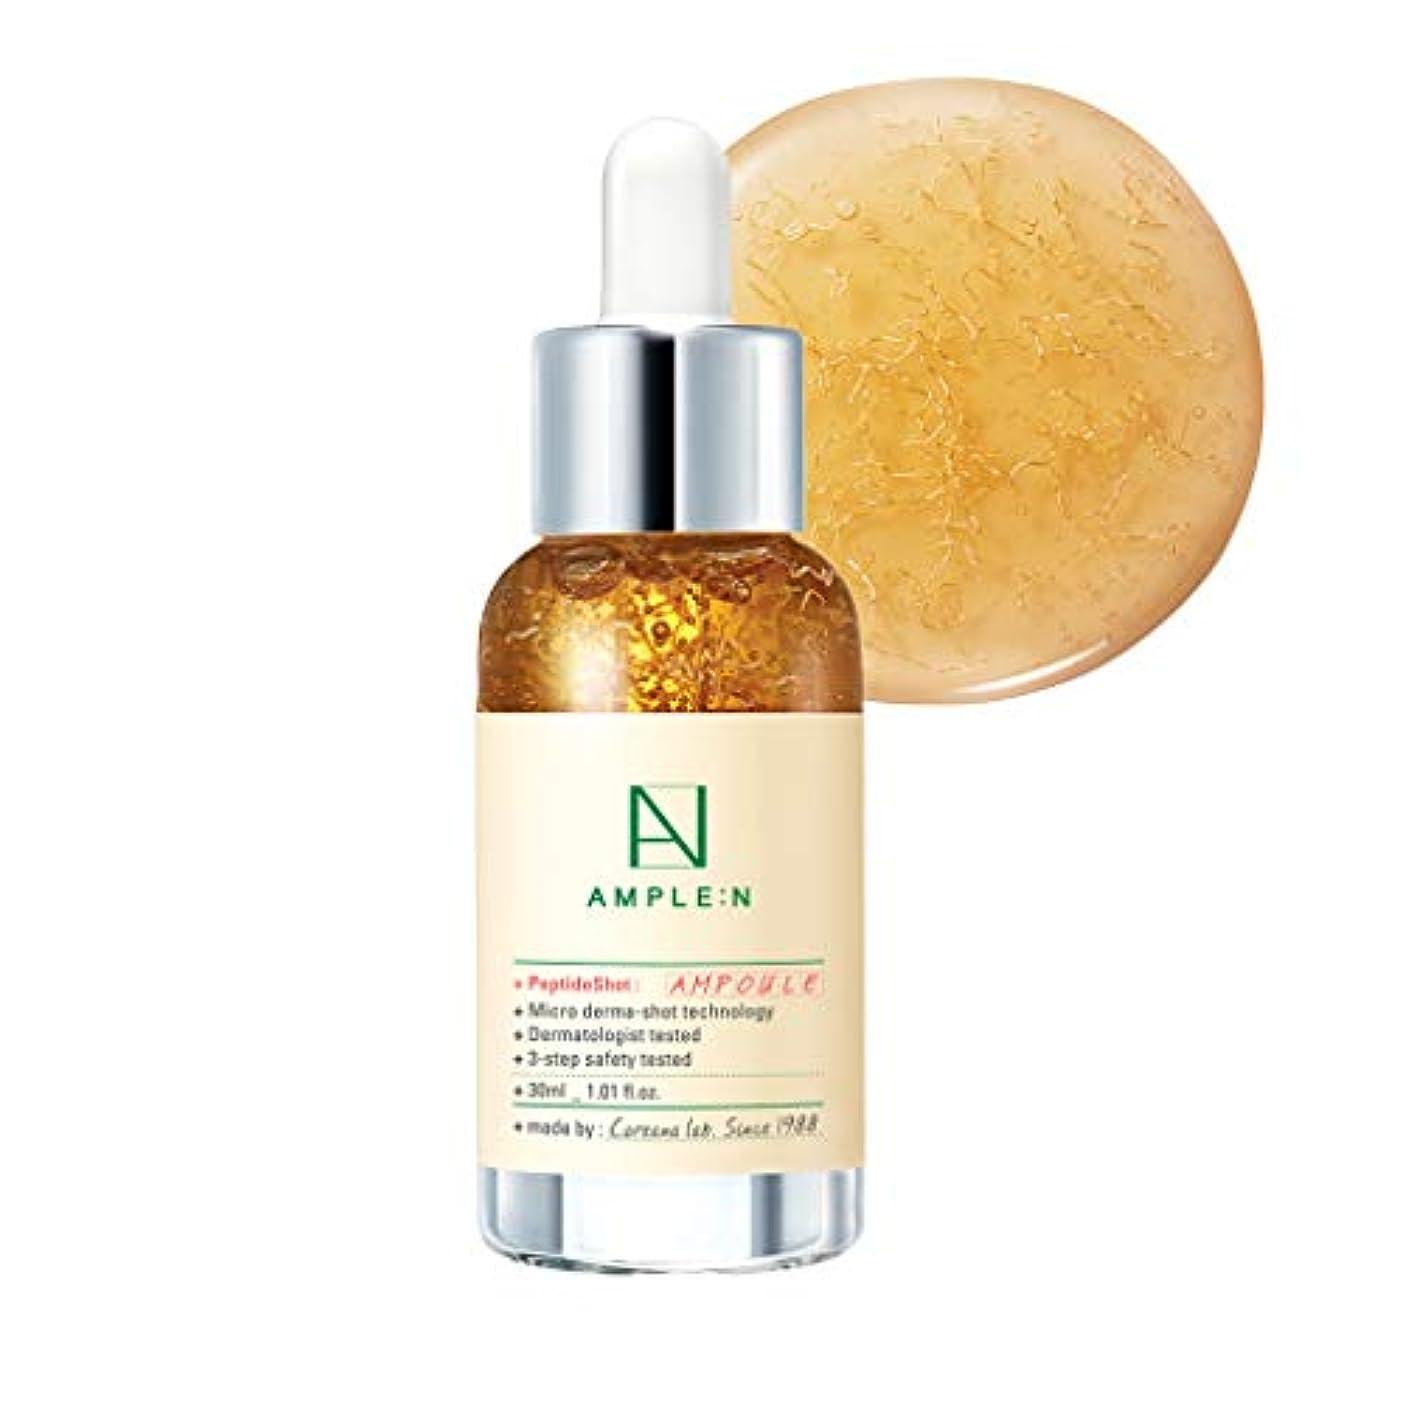 肝花嫁根絶するアンプルエンペプチドショットアンプル 30ML/Ample N Peptide Shot Ampoule 30ml.Coreana Cosmetics